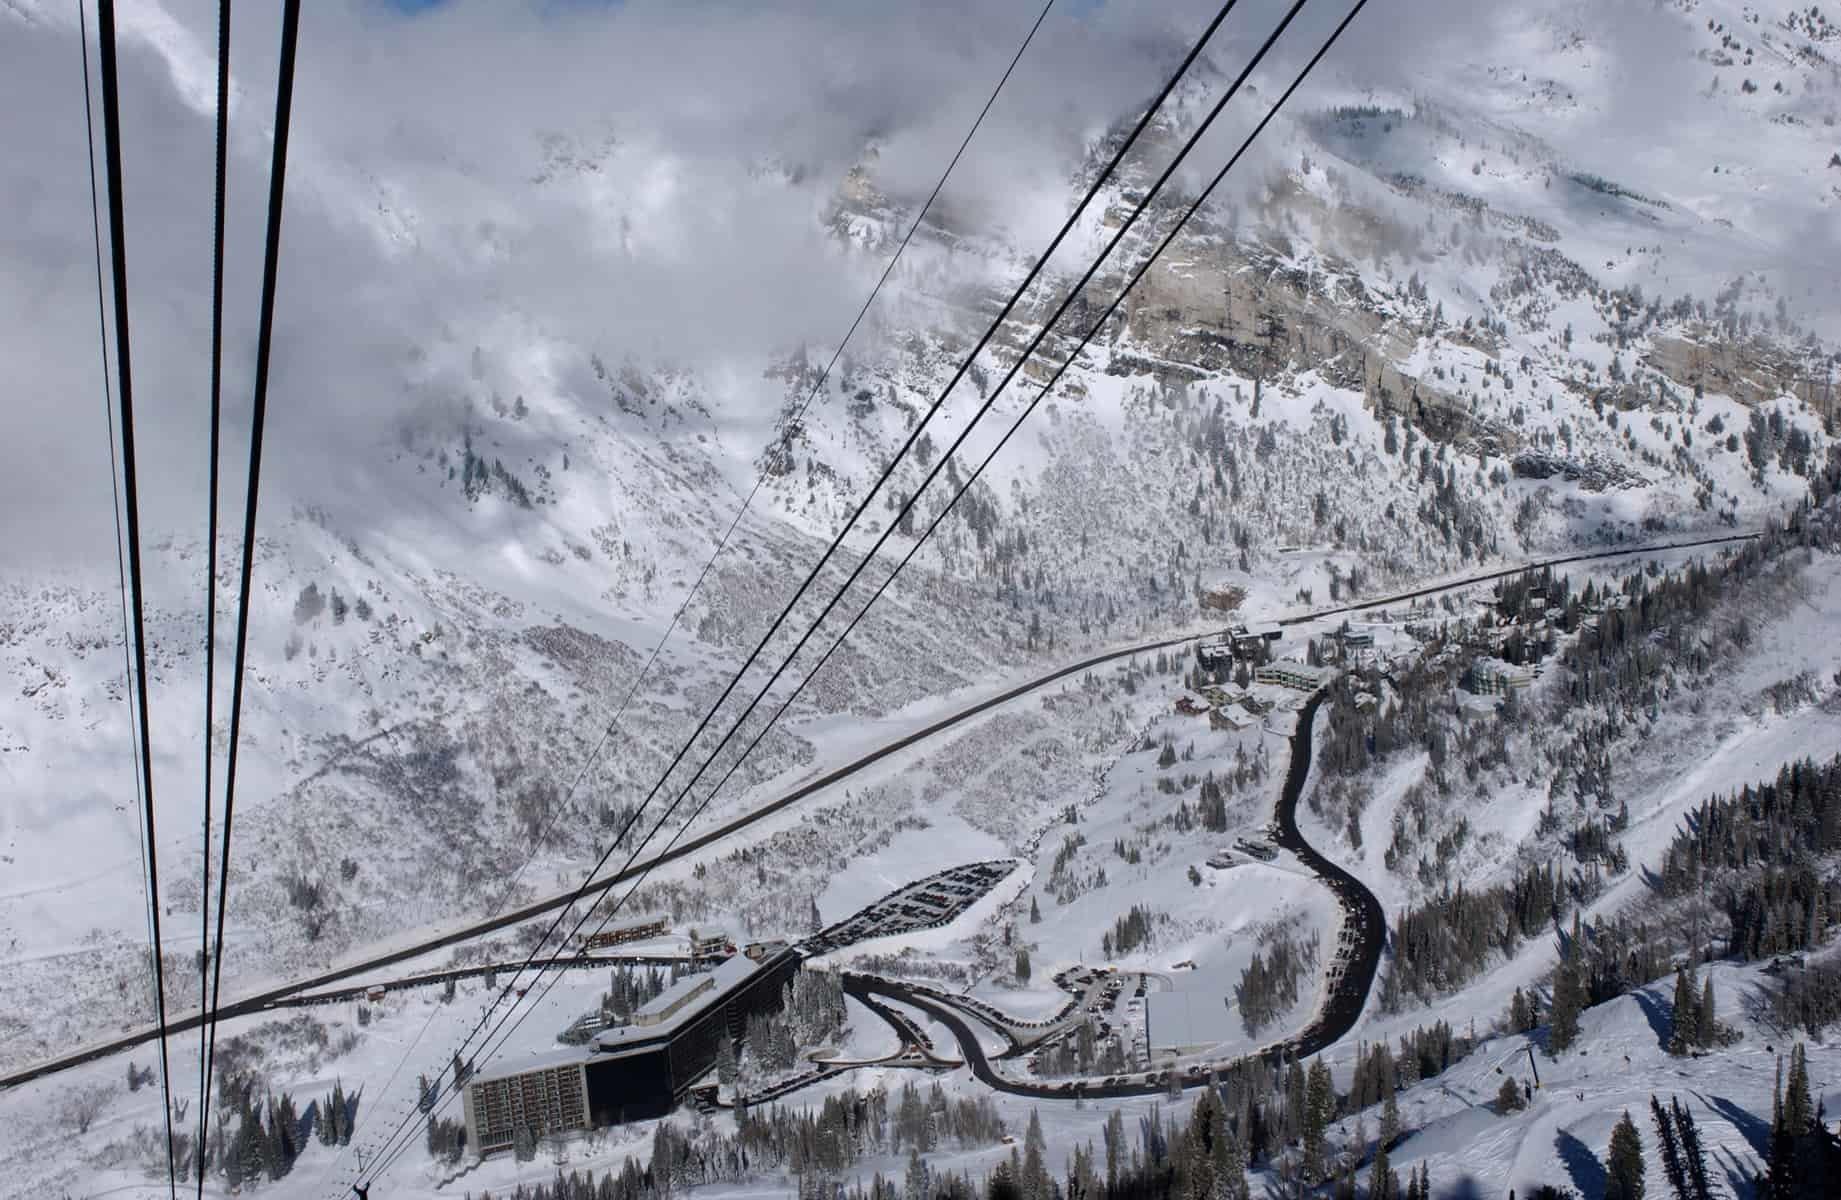 Mountains from Snowbird ski resort in Utah